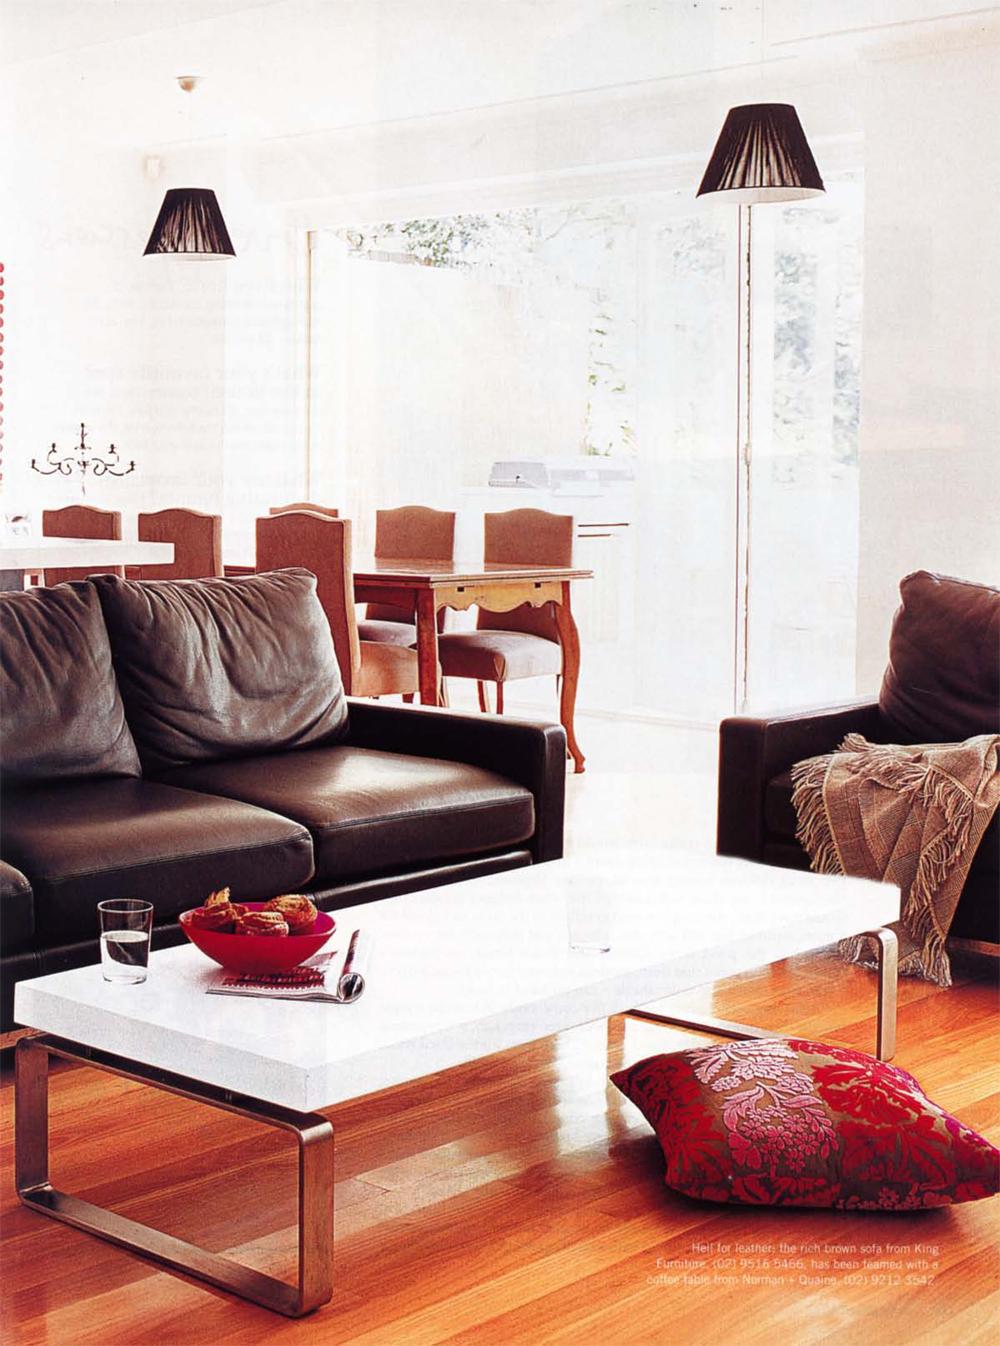 Home_Beautiful_June04_article1-3.jpg